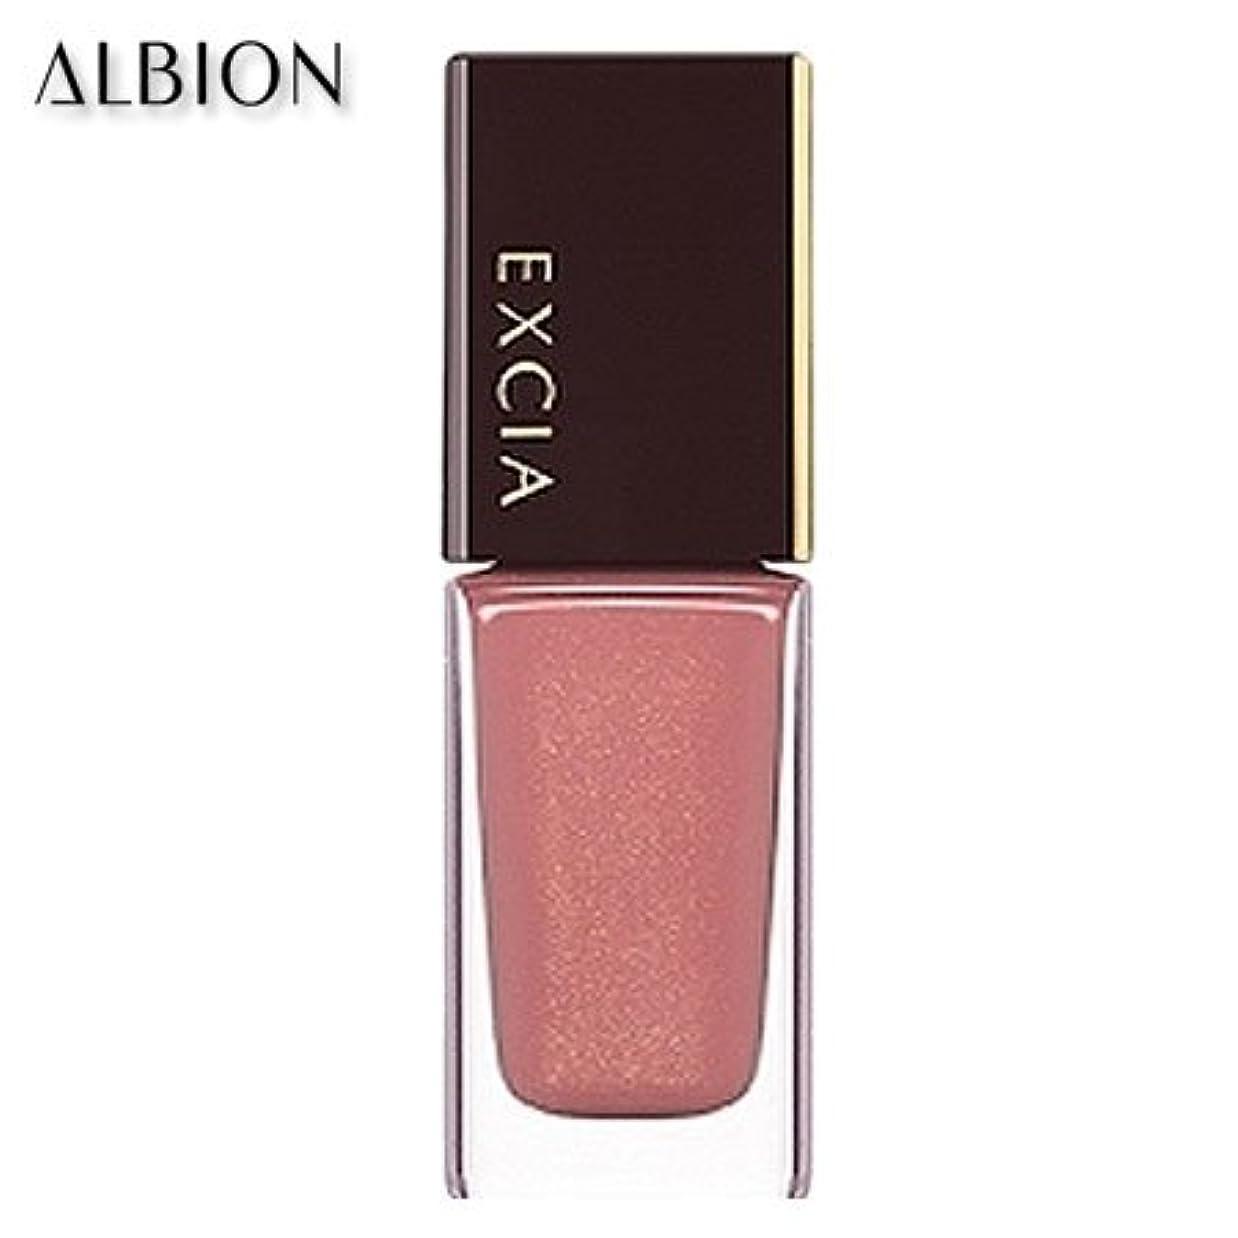 いつ永遠の世論調査アルビオン エクシア AL ネイルカラー S 11色 -ALBION- 03